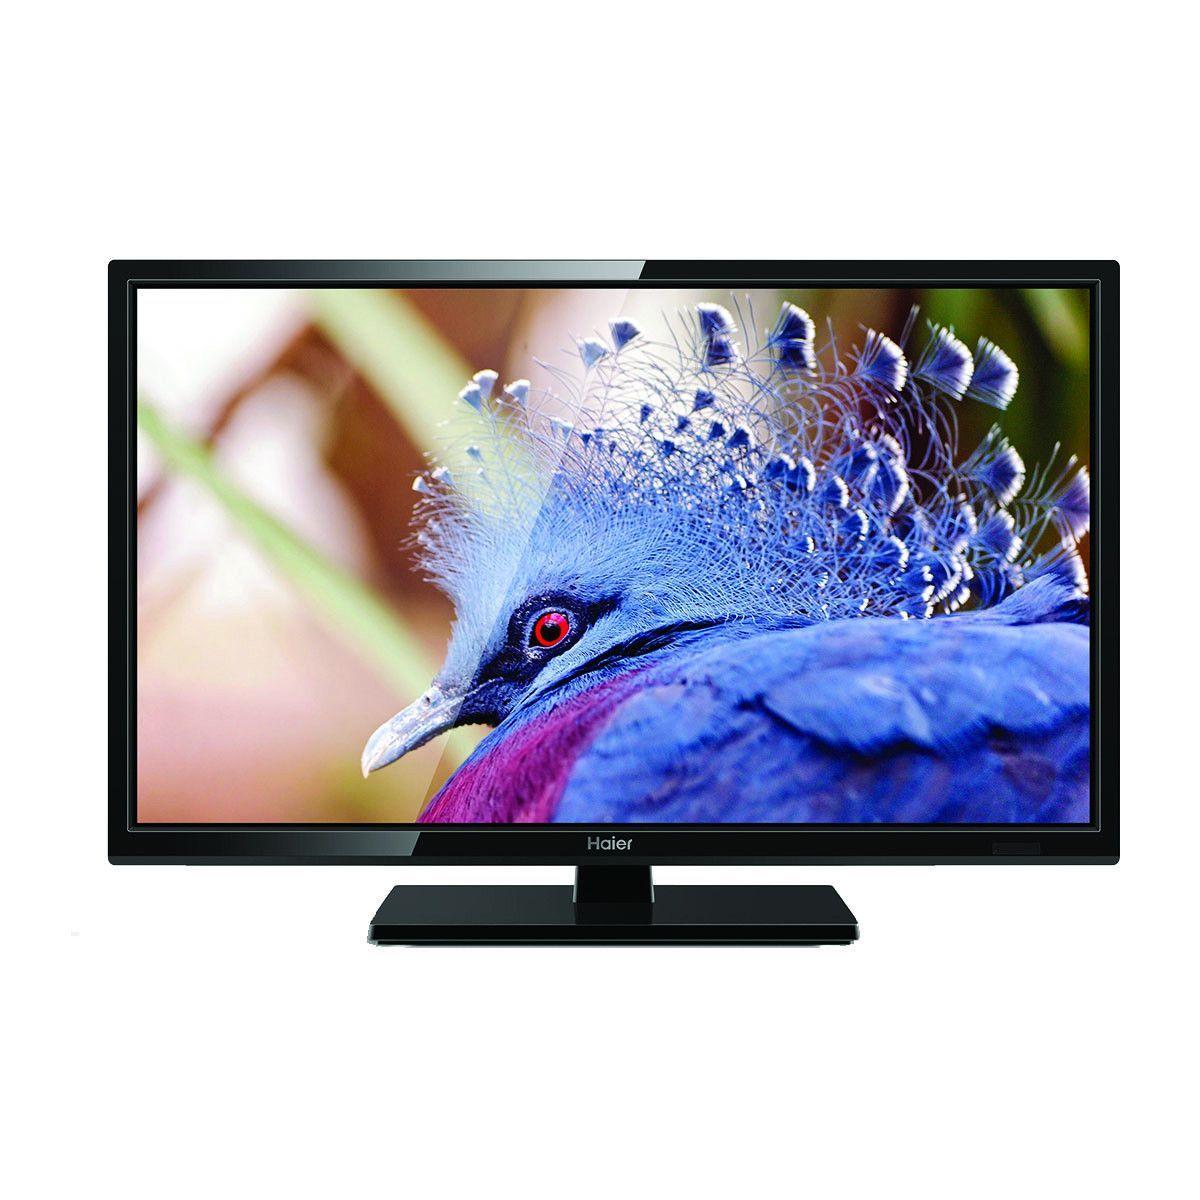 Doctor-X.Season.5.EP01.720p.HDTV.x264.AAC-DoA - Binsearch ...